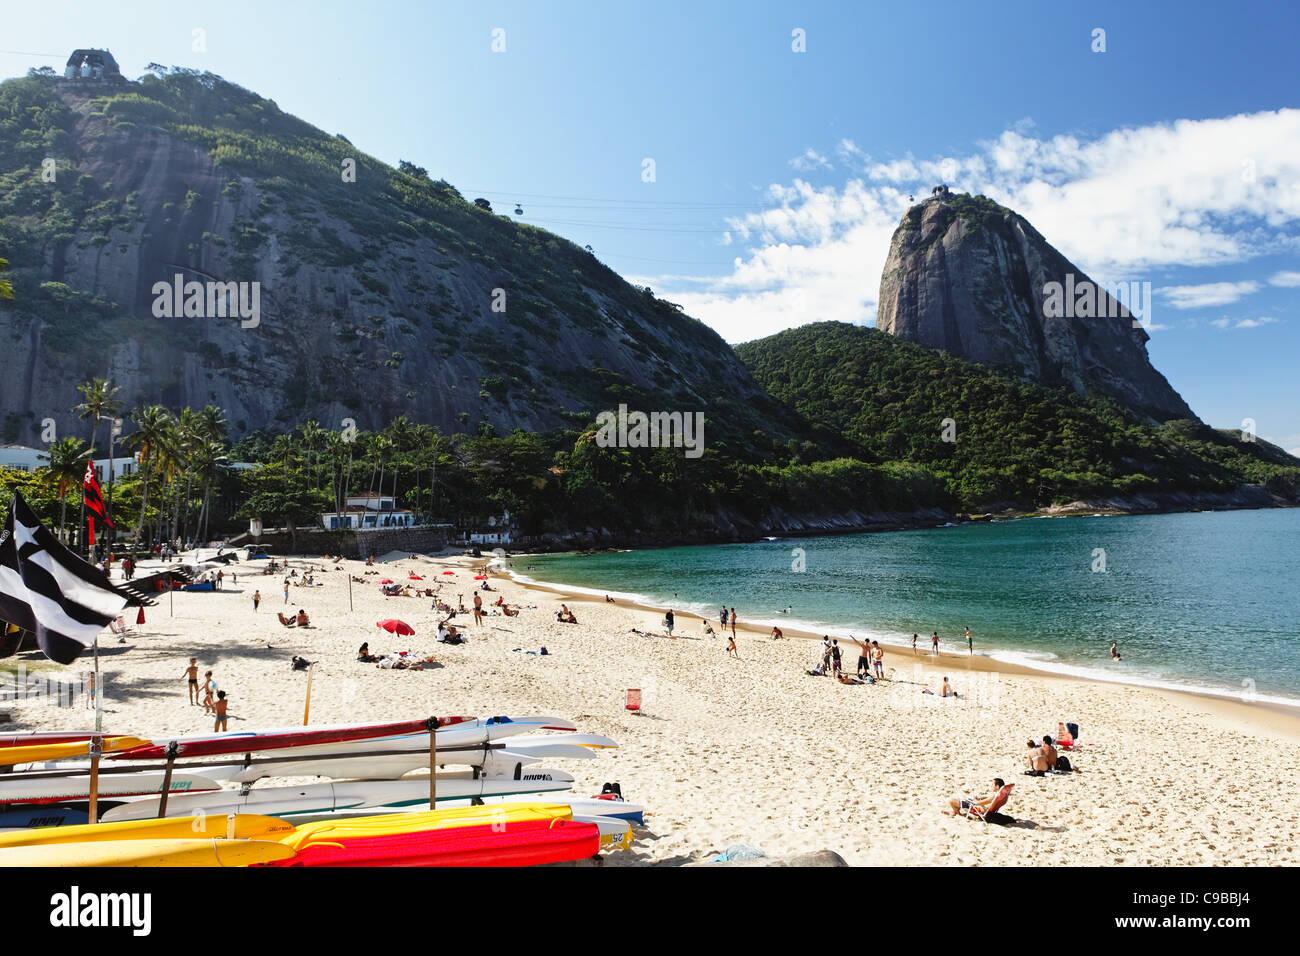 Avis de Sugarloaf Mountain de Vermelha Beach, Rio de Janeiro, Brésil Photo Stock